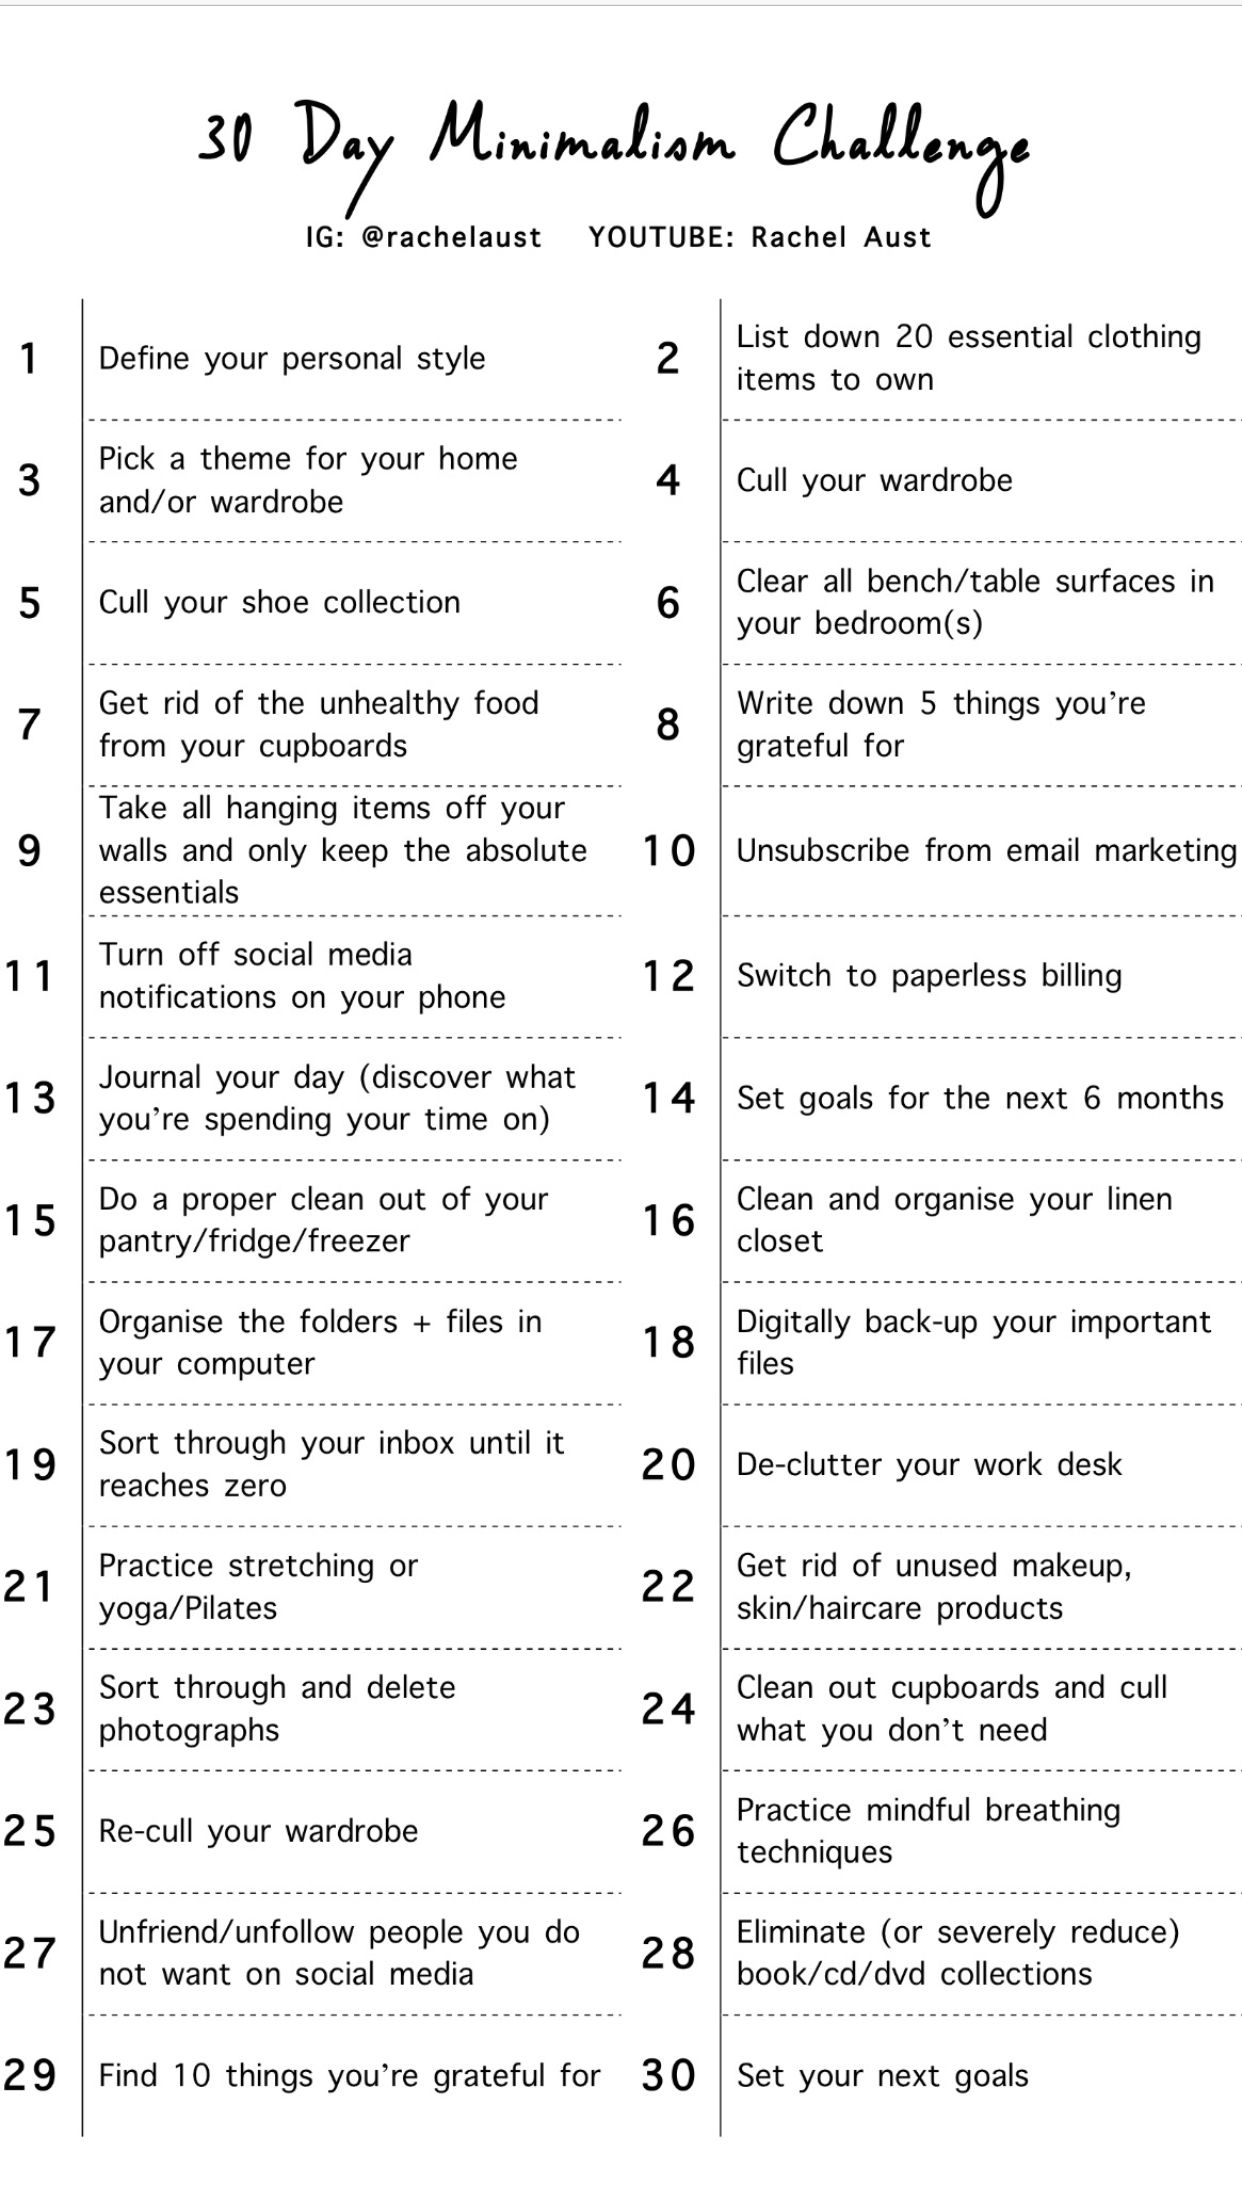 30 Day Minimalist Challenge Rachel Aust Minimalist Challenge Minimalism Lifestyle Minimalism